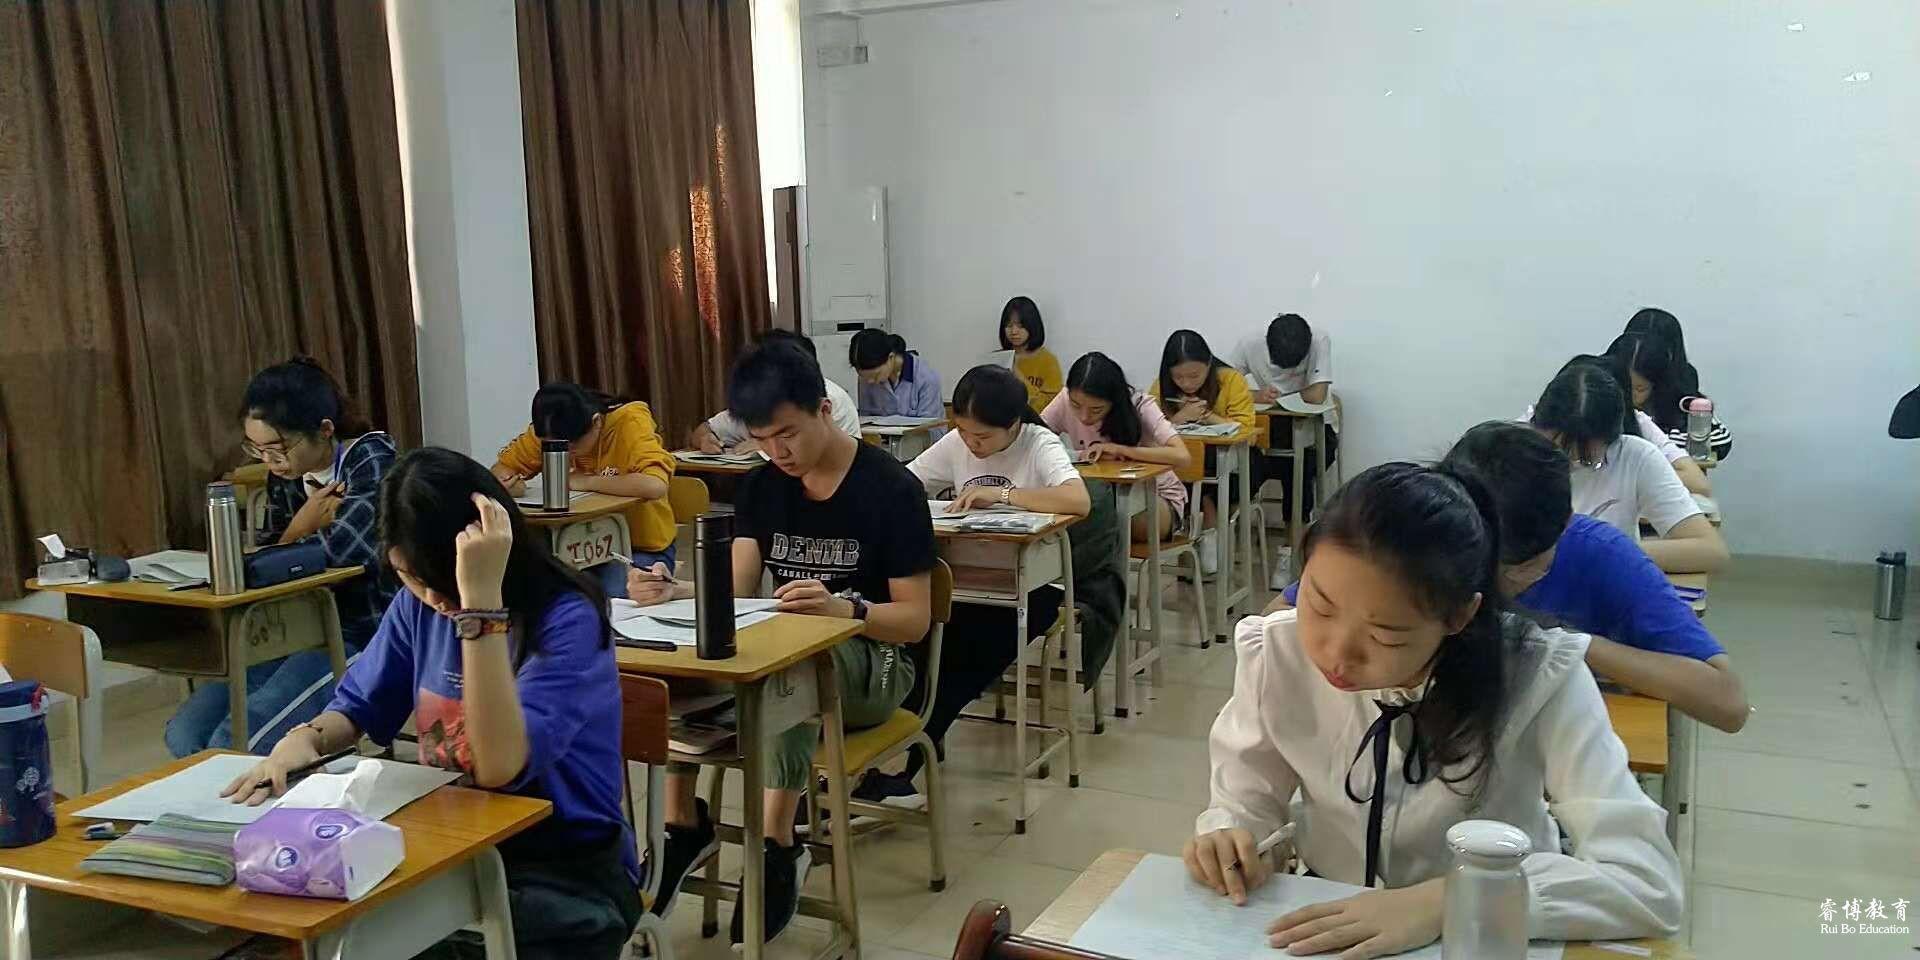 广东睿博高职高考辅导班第三次综合考试顺利进行!